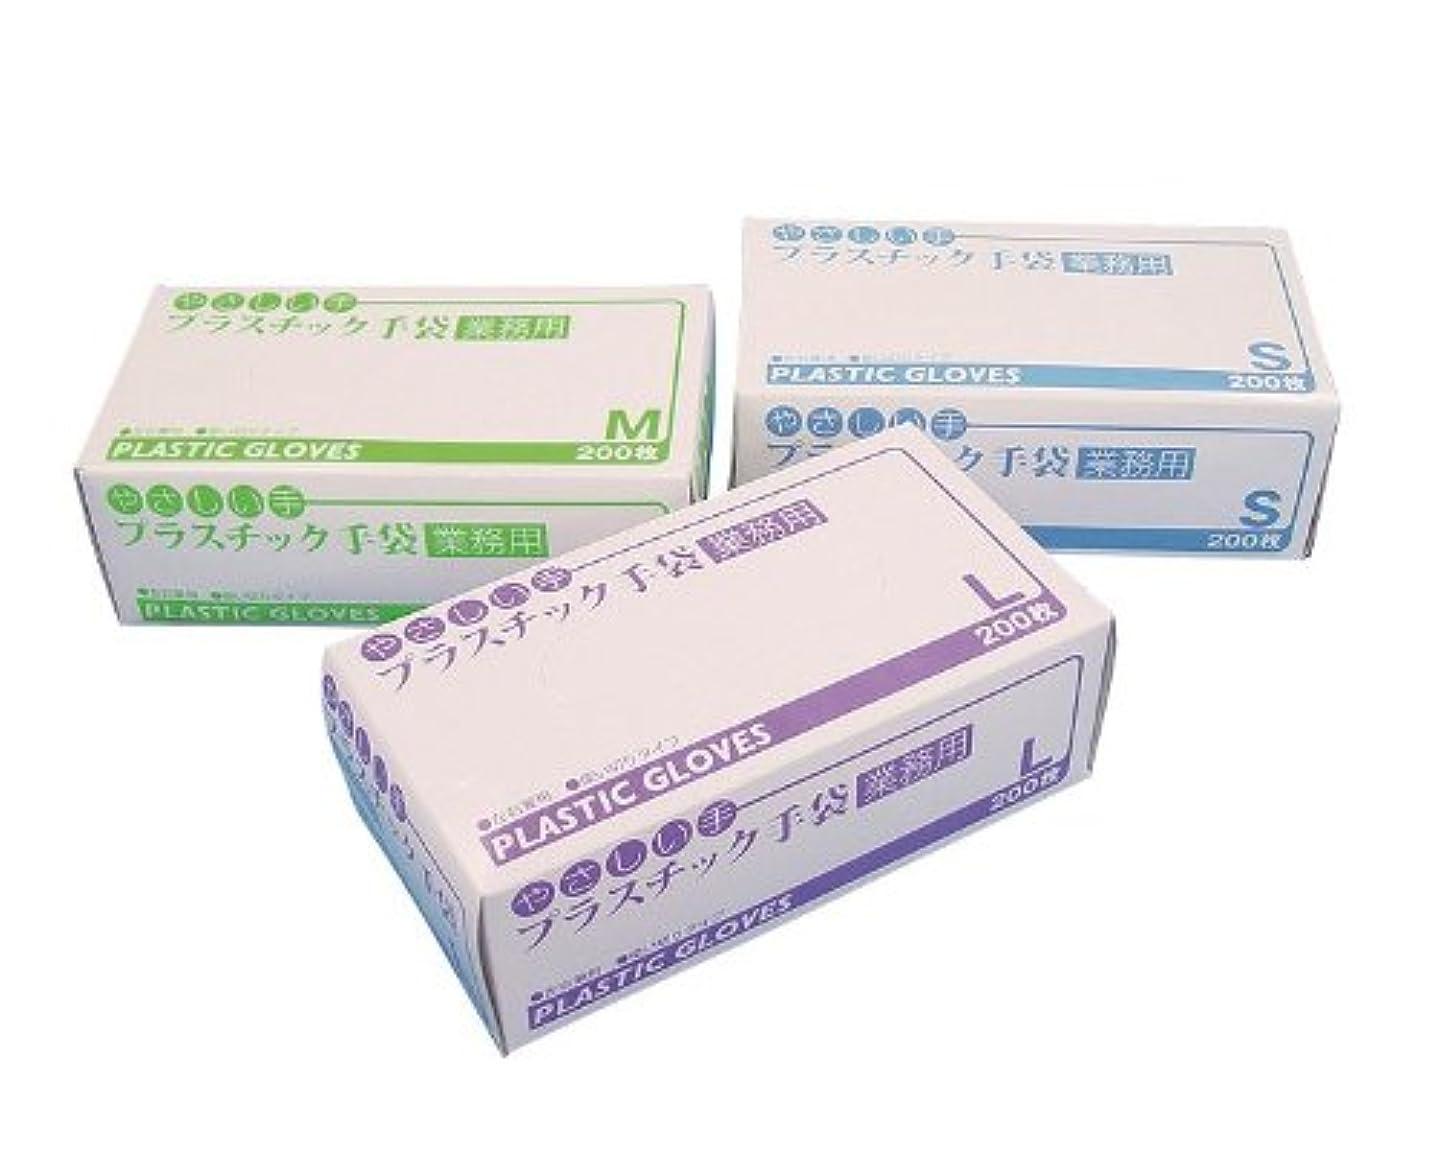 広く重量アパルやさしい手 プラスチック手袋 業務用 OM-460 200枚入/Mサイズ